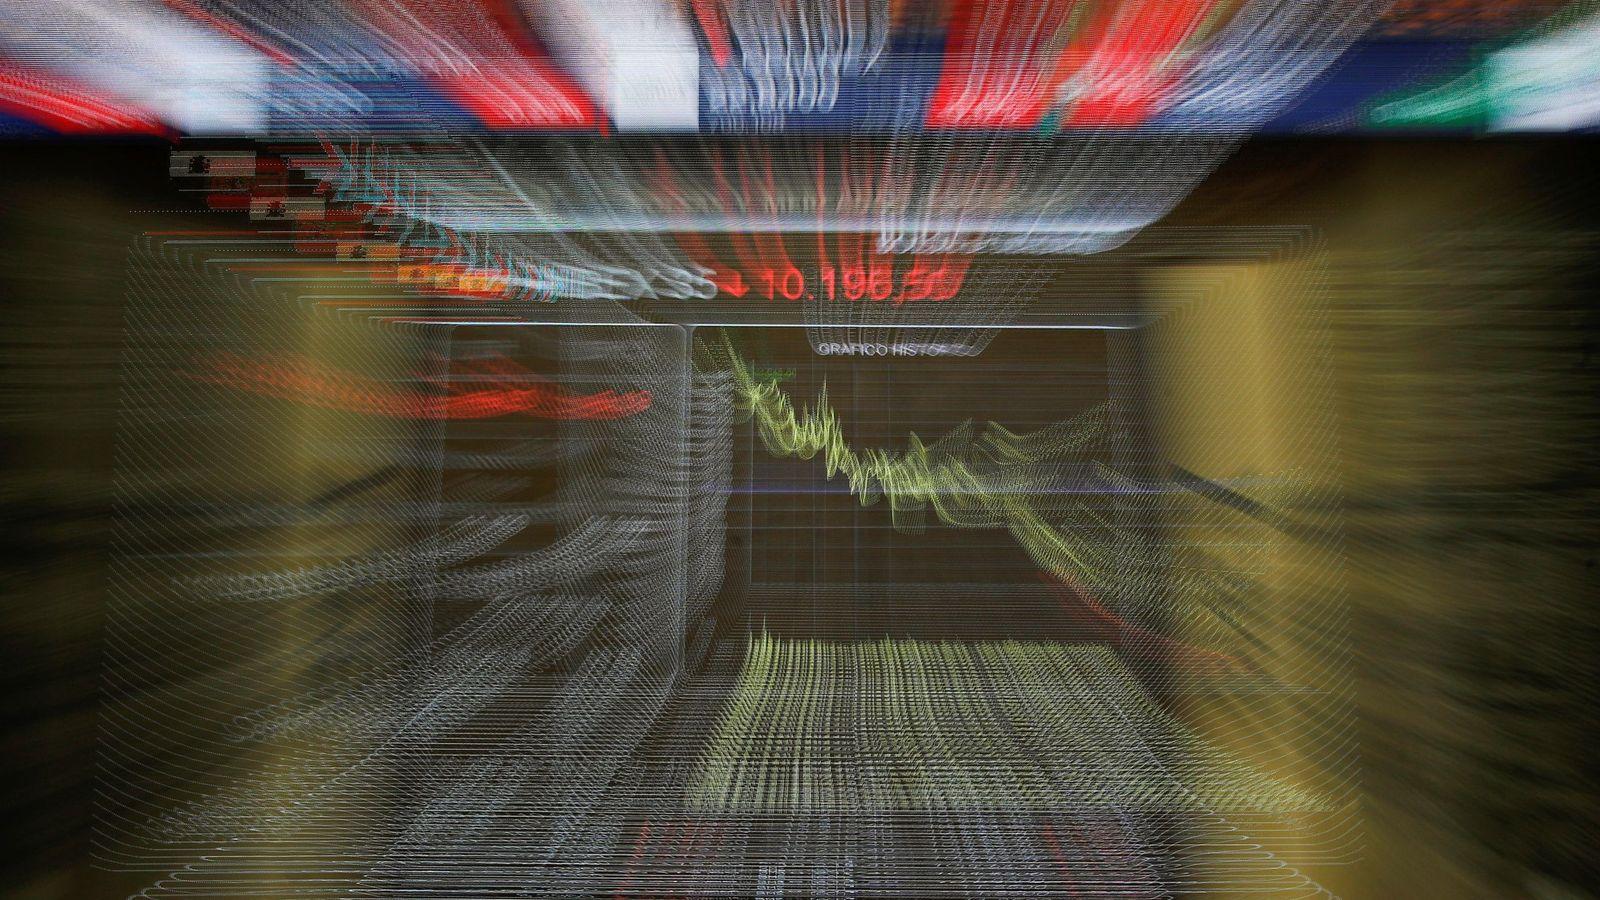 Foto: Imagen de archivo de un panel de la Bolsa de Madrid. (EFE)